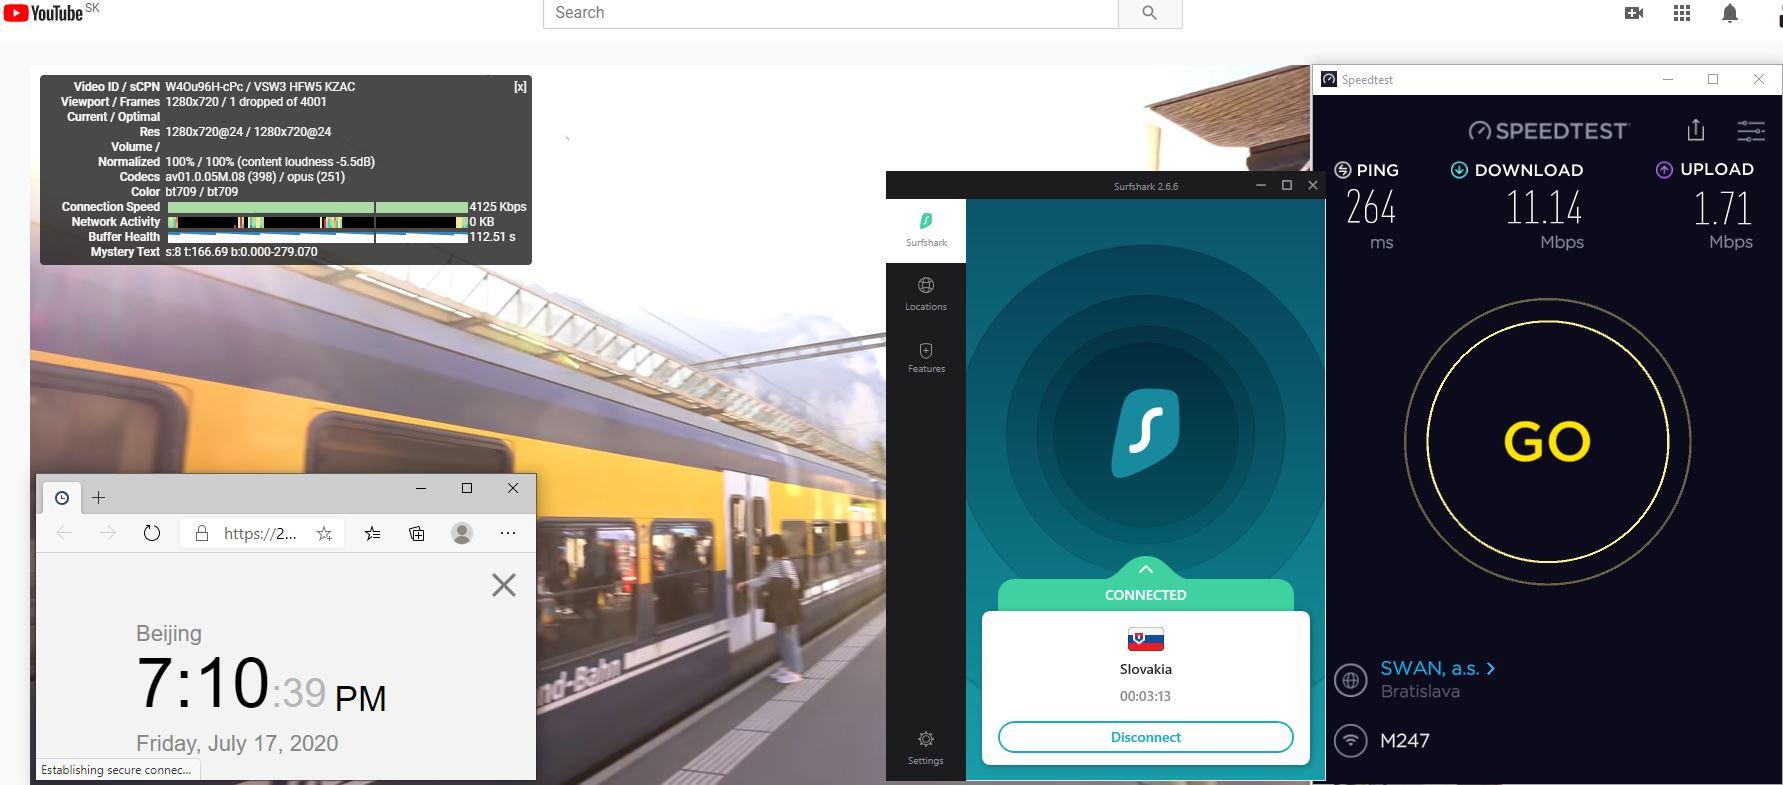 Windows10 SurfsharkVPN Slovakia 中国VPN 翻墙 科学上网 测速-20200717